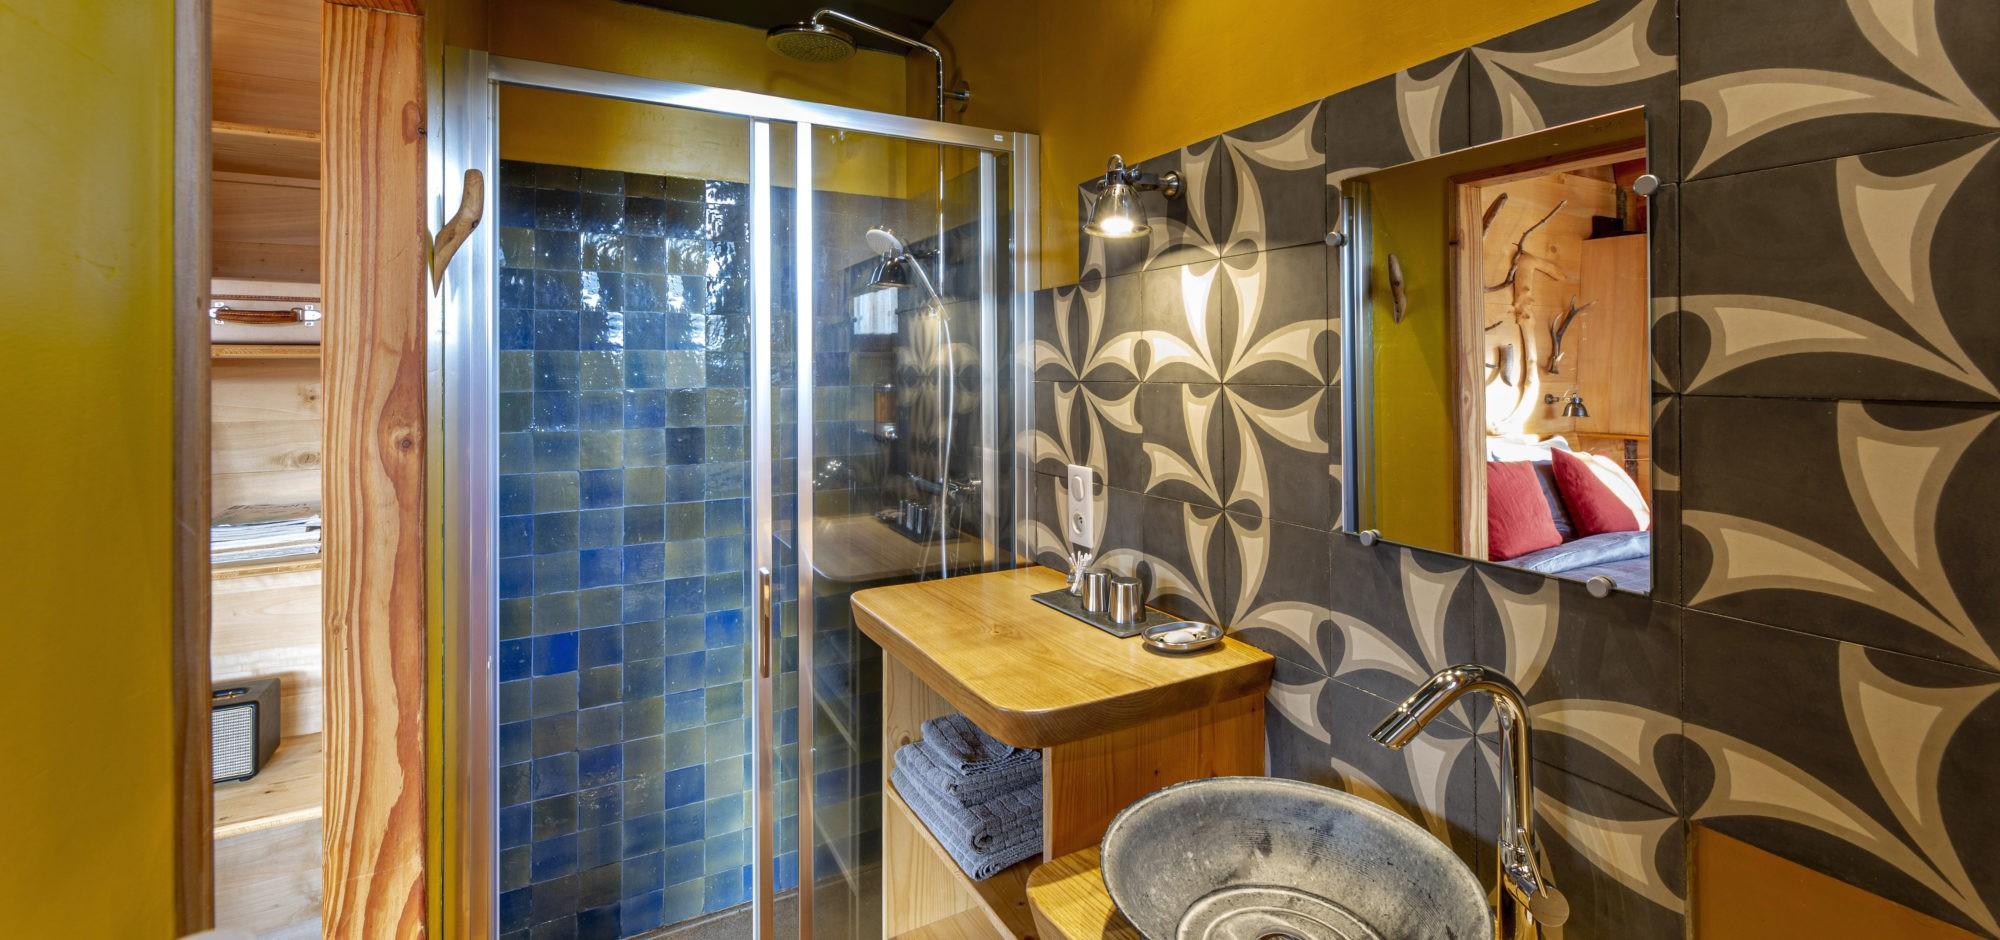 La salle de bain de la cabane. Photos ©Pierre Soissons